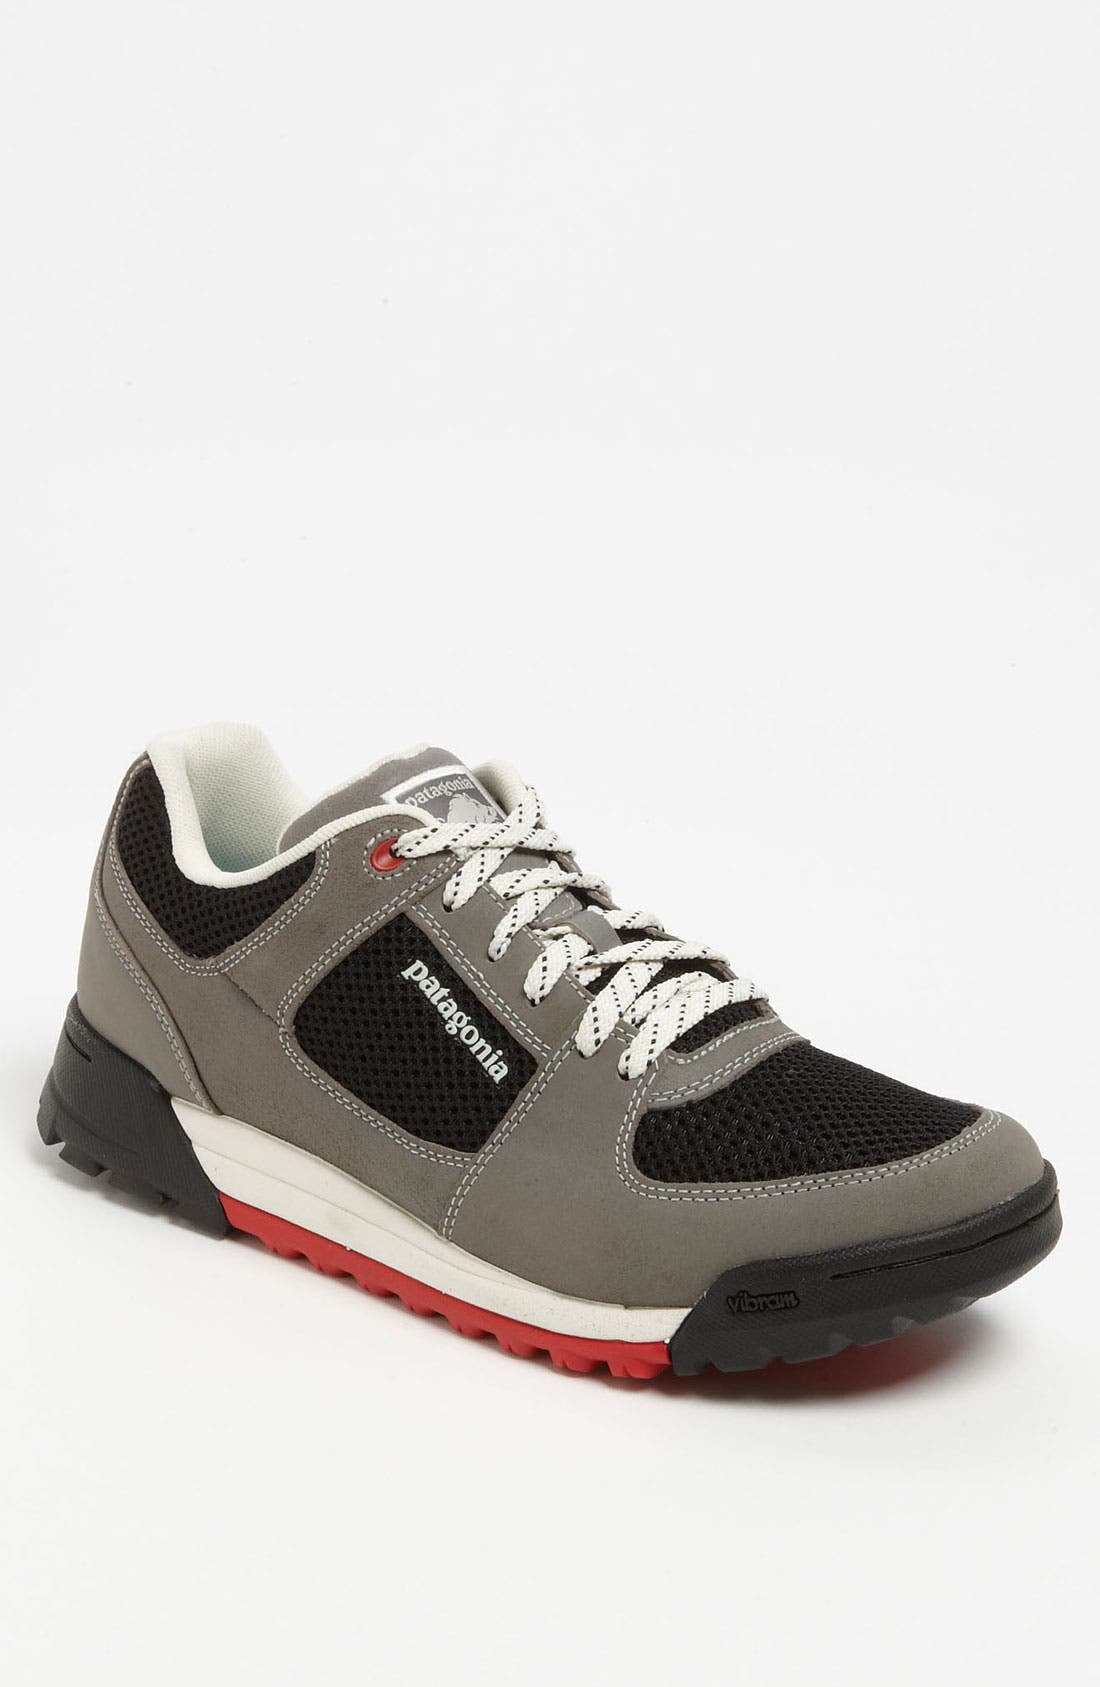 Alternate Image 1 Selected - Patagonia 'Javelina AC' Walking Shoe (Men) (Online Only)